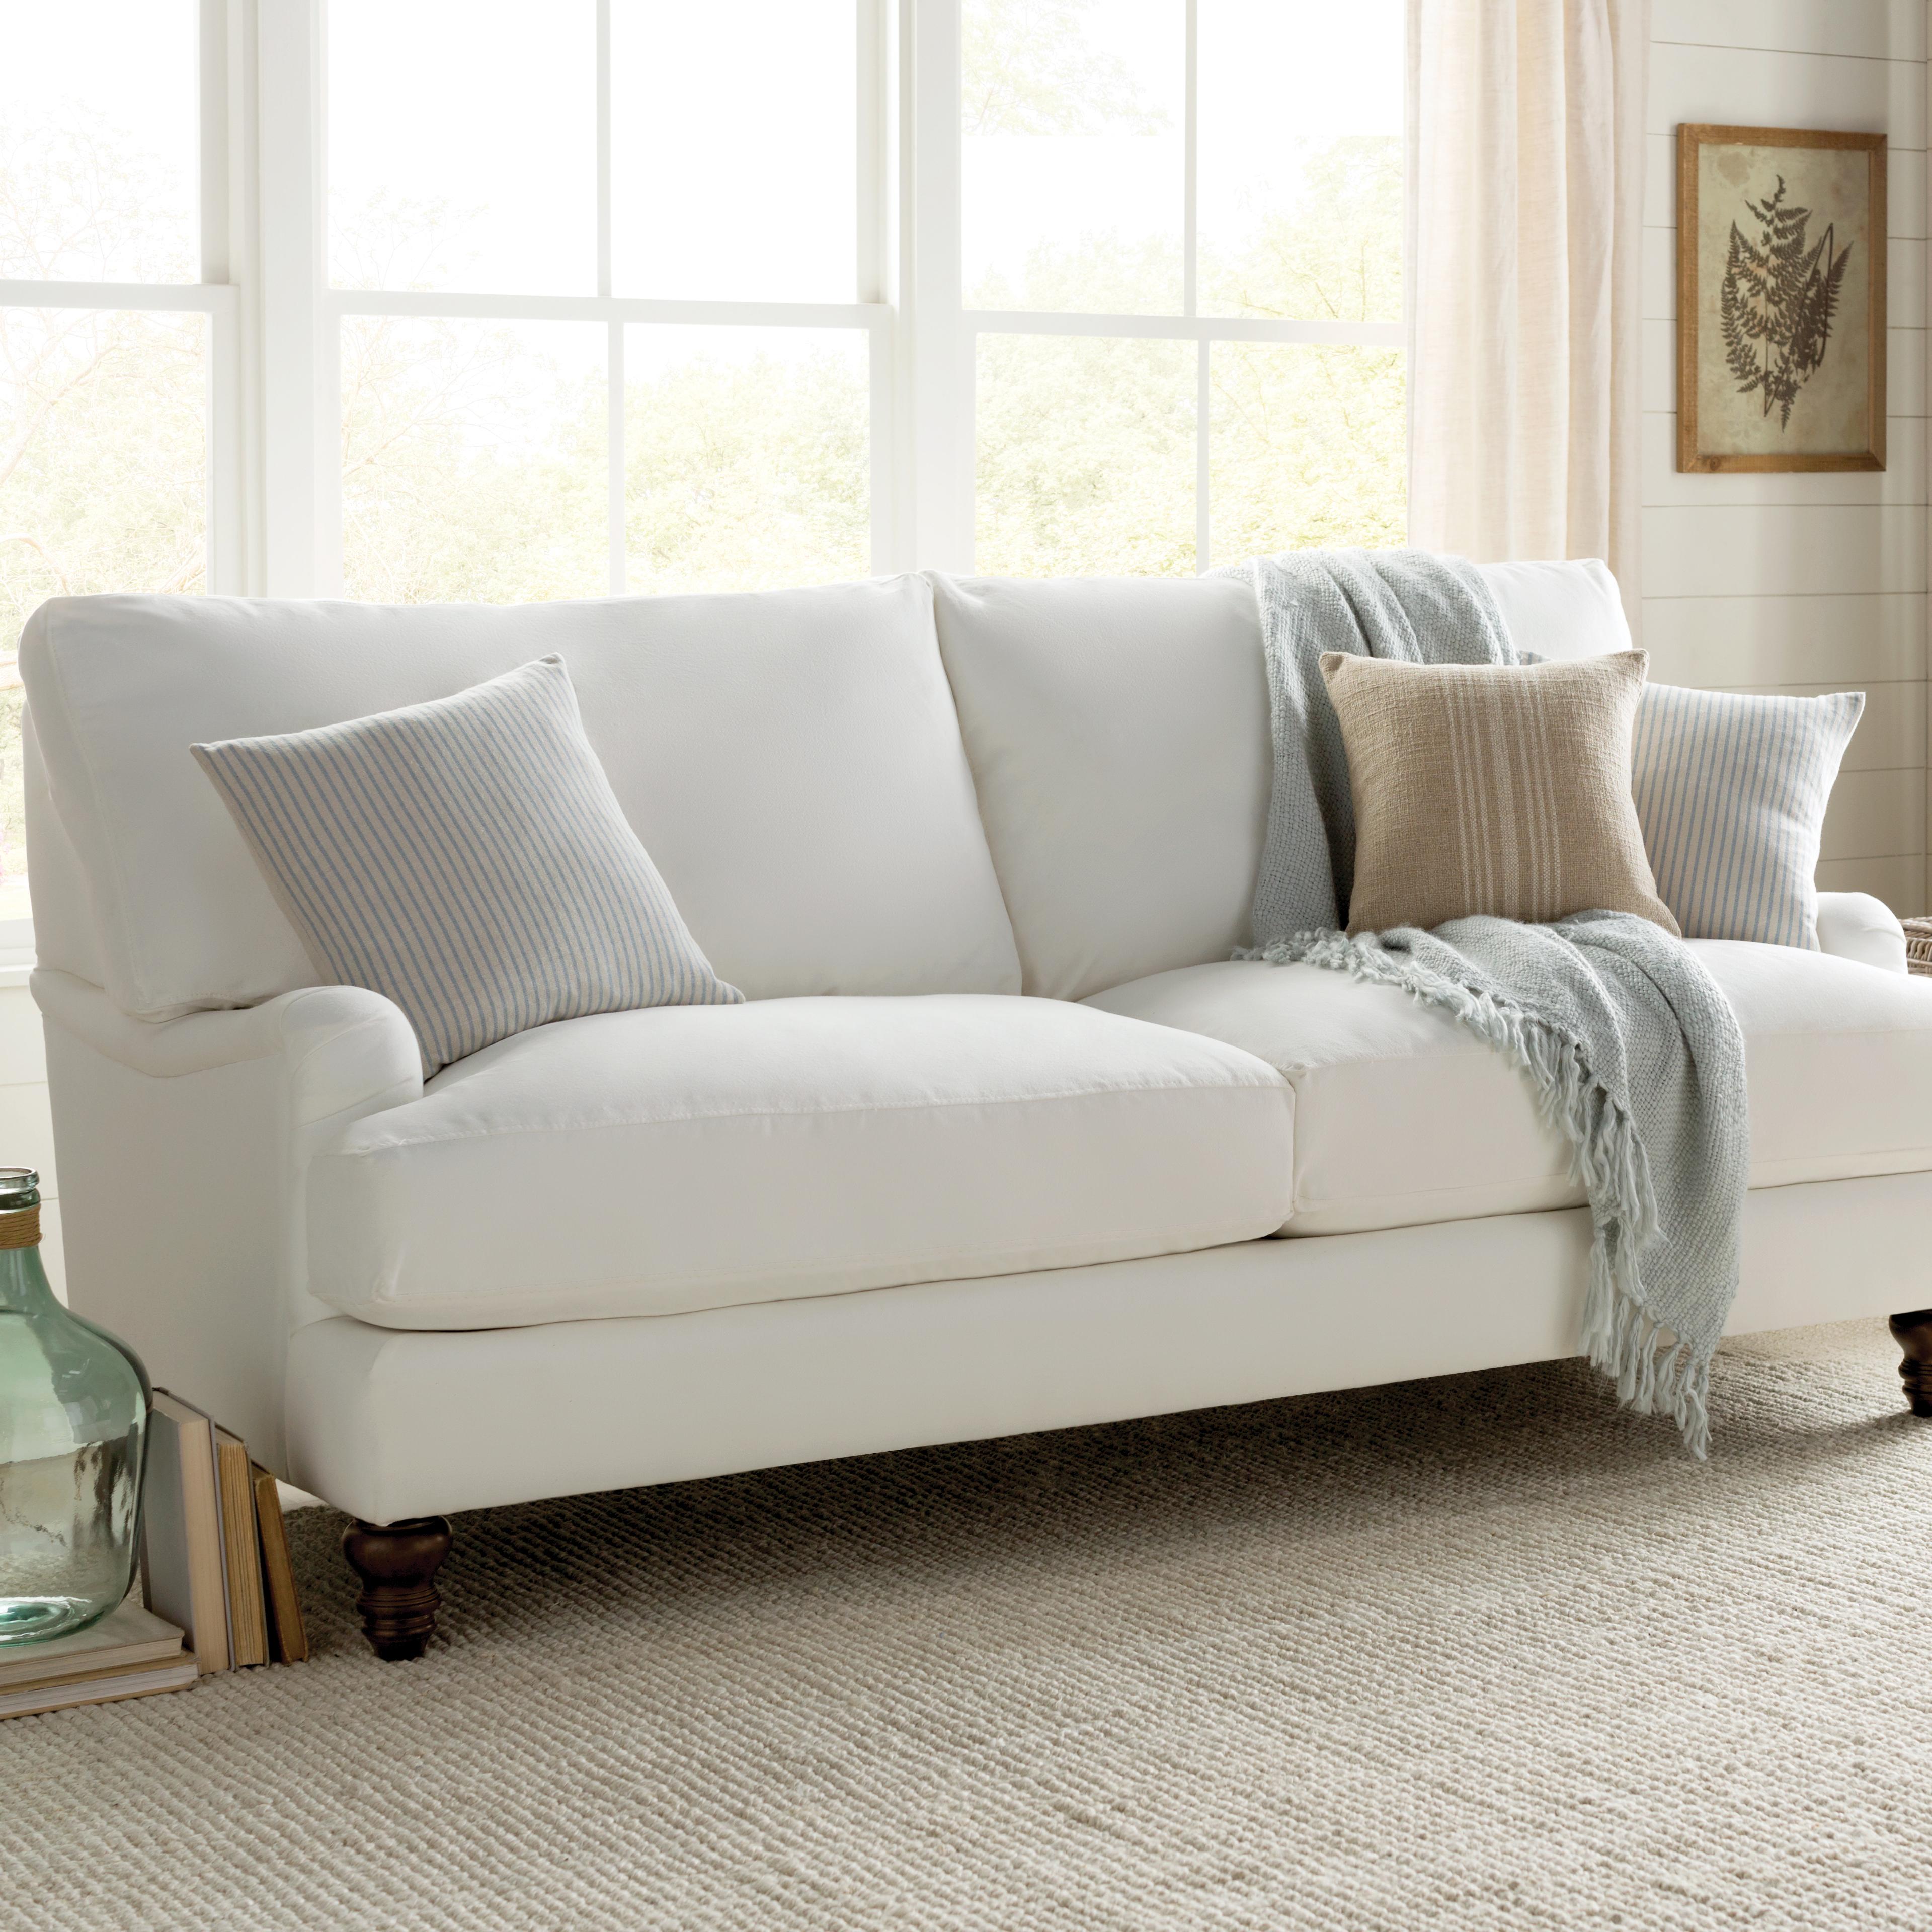 Living room furniture Modern Design Shop By Category Birch Lane Living Room Furniture Birch Lane